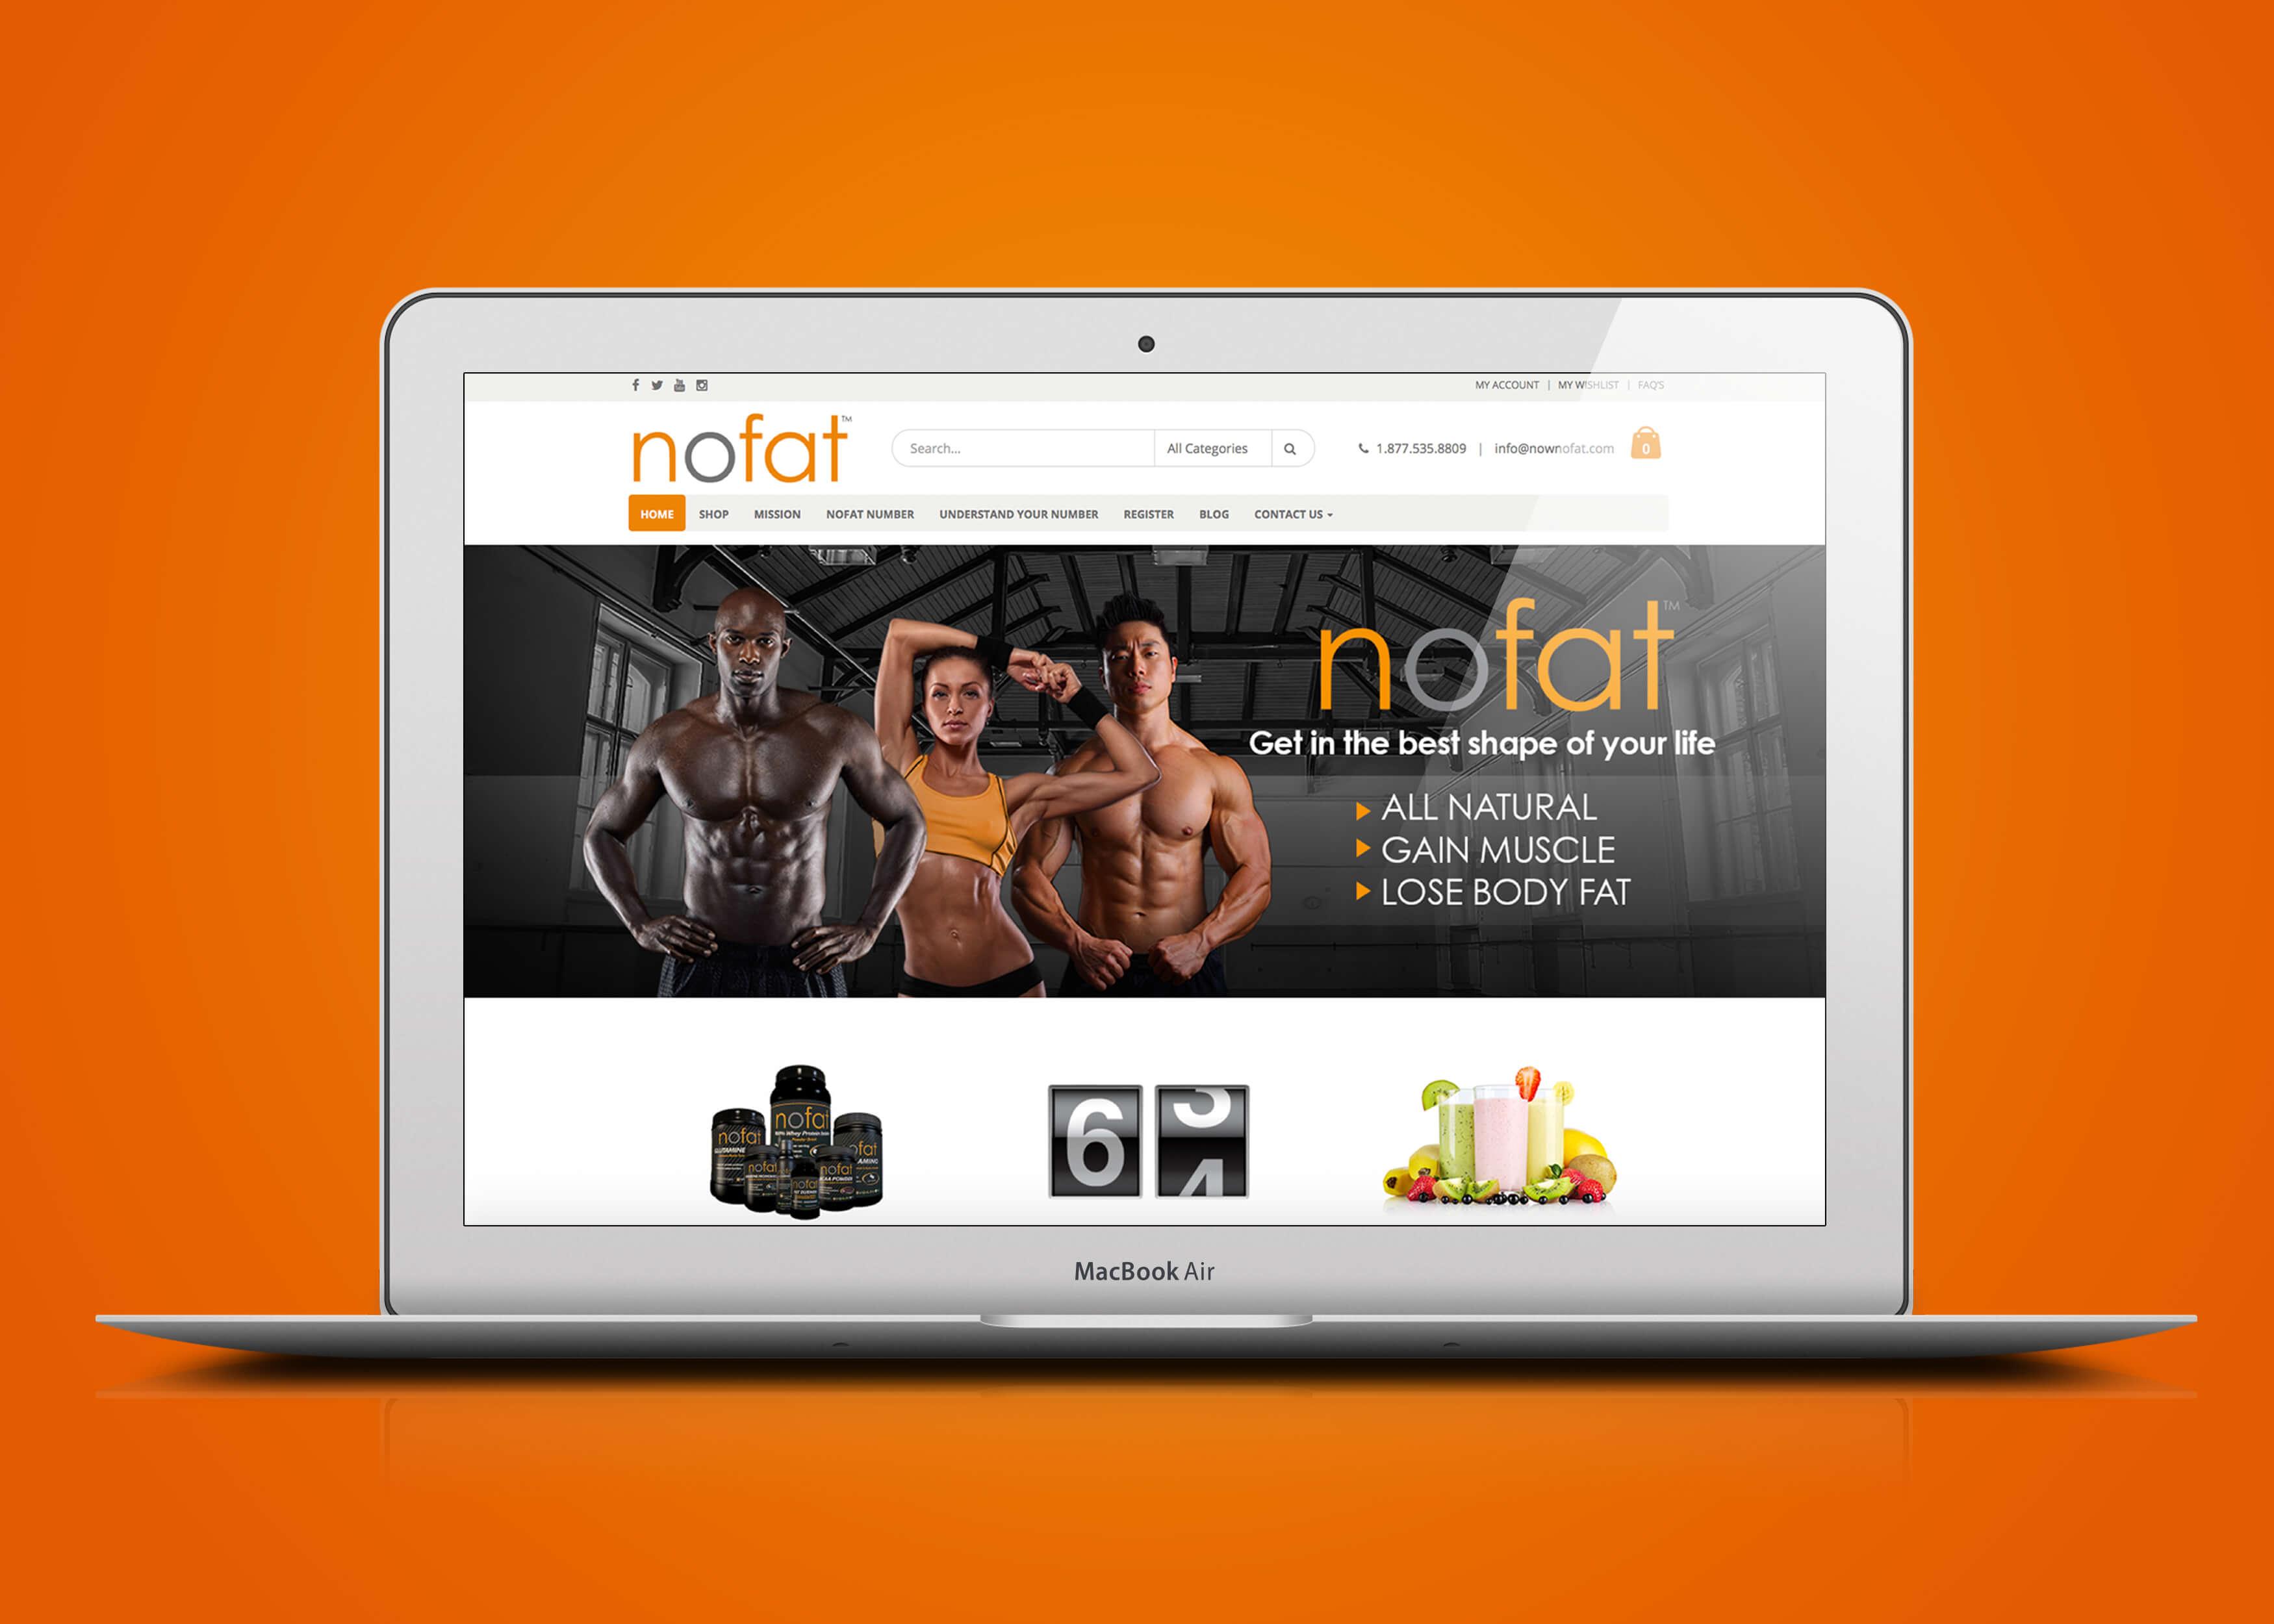 nofat-macbook